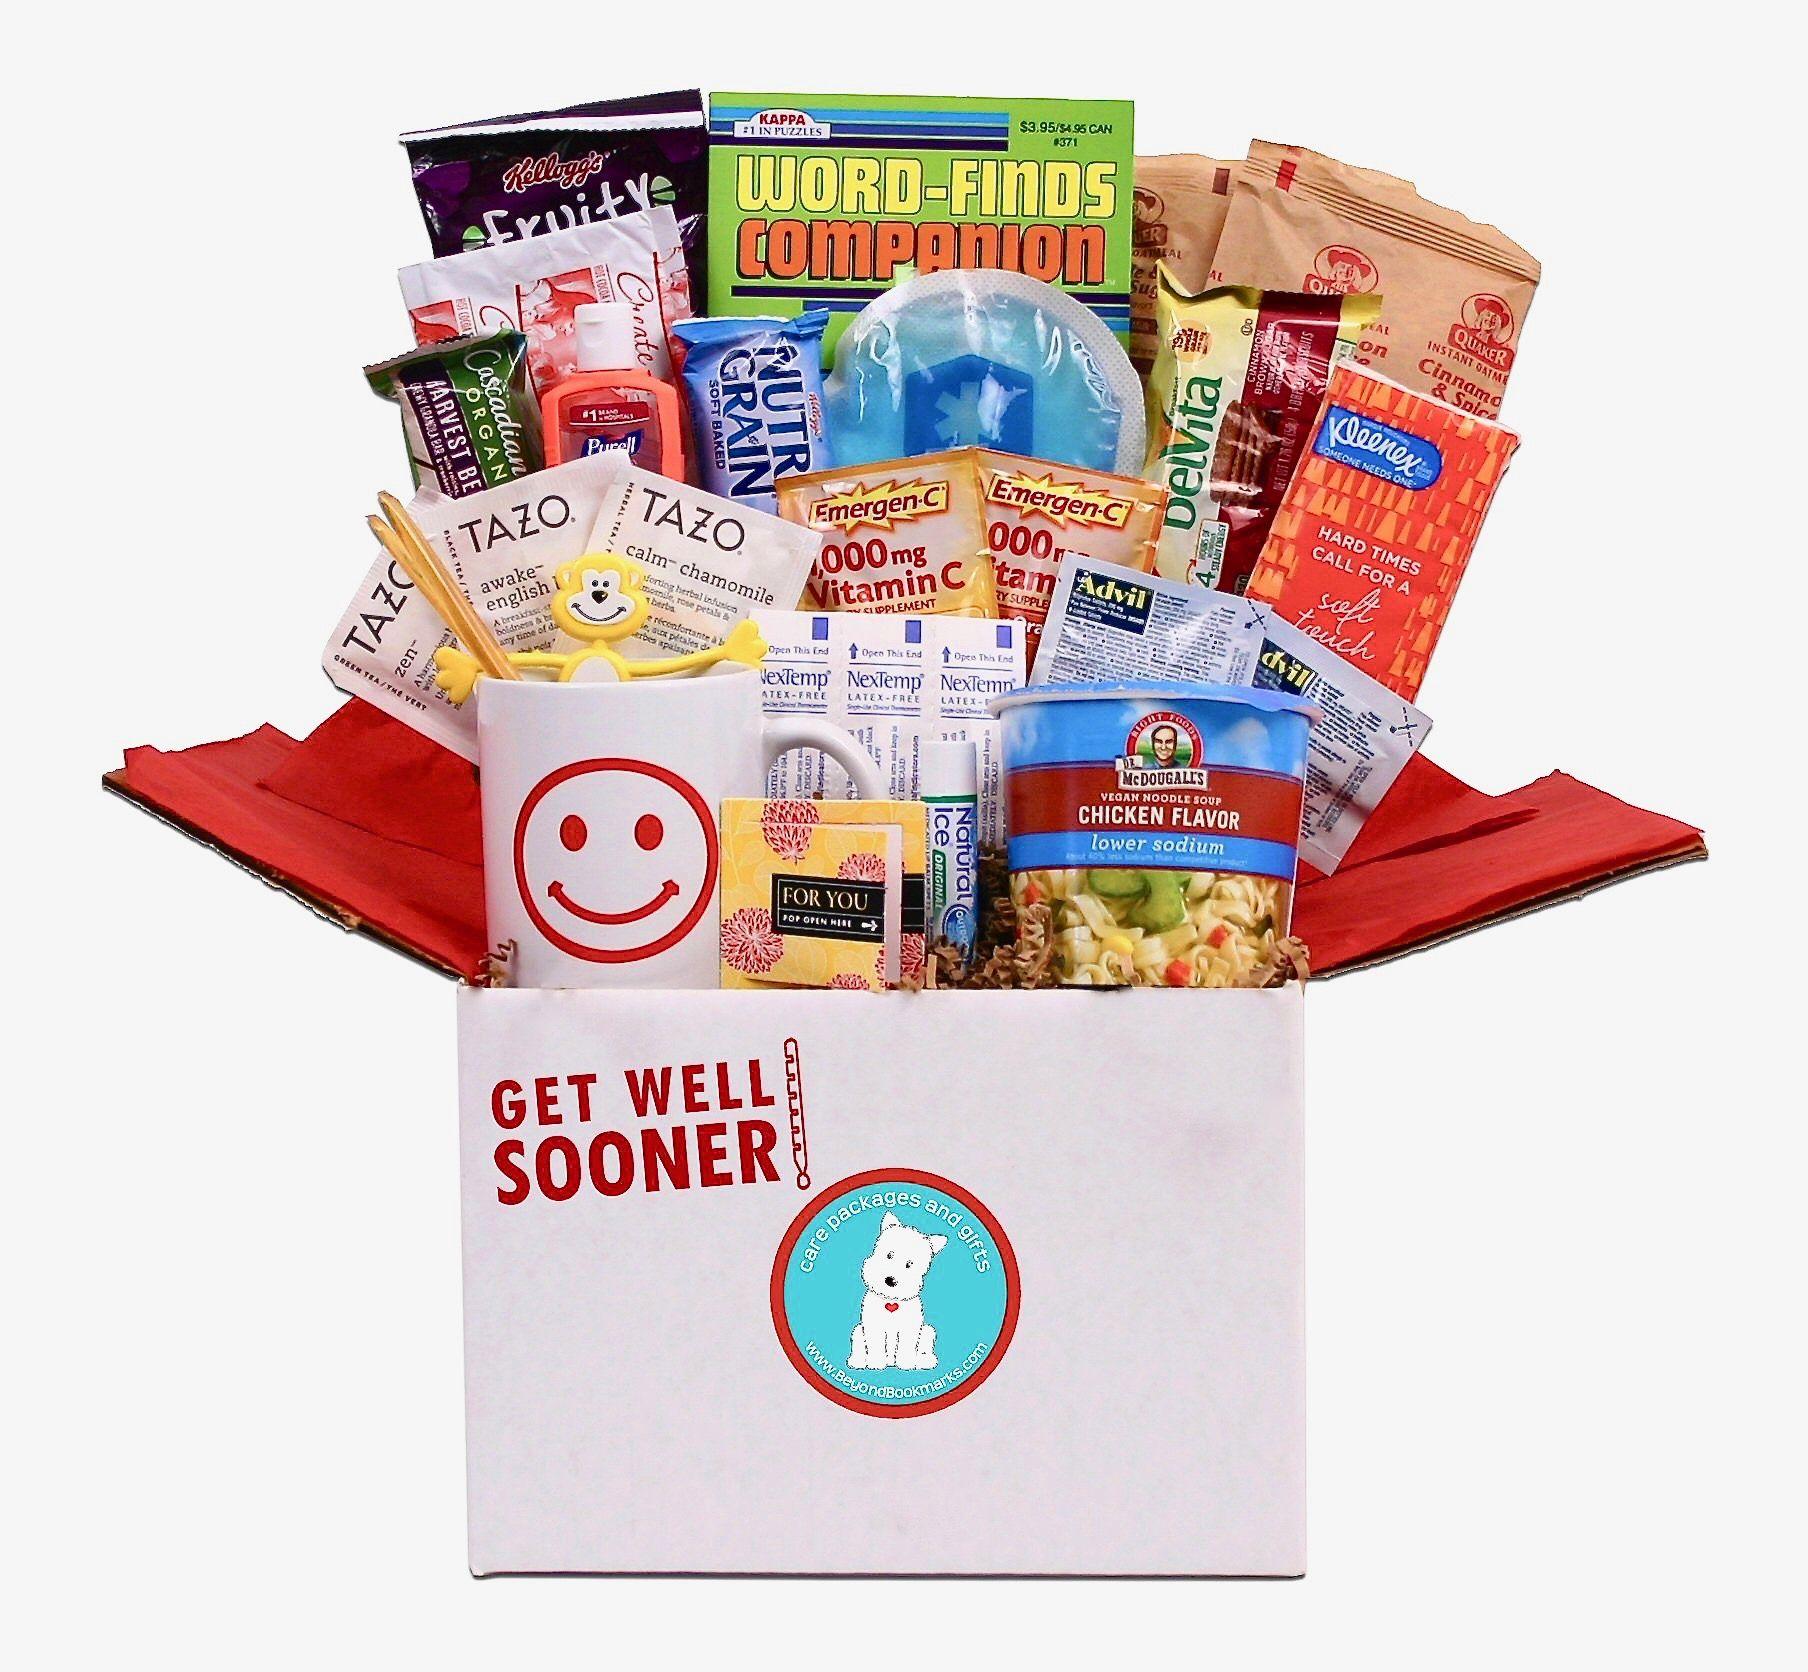 Get Well Sooner   Beyond Bookmarks - Kids, Tweens, and Teens Care